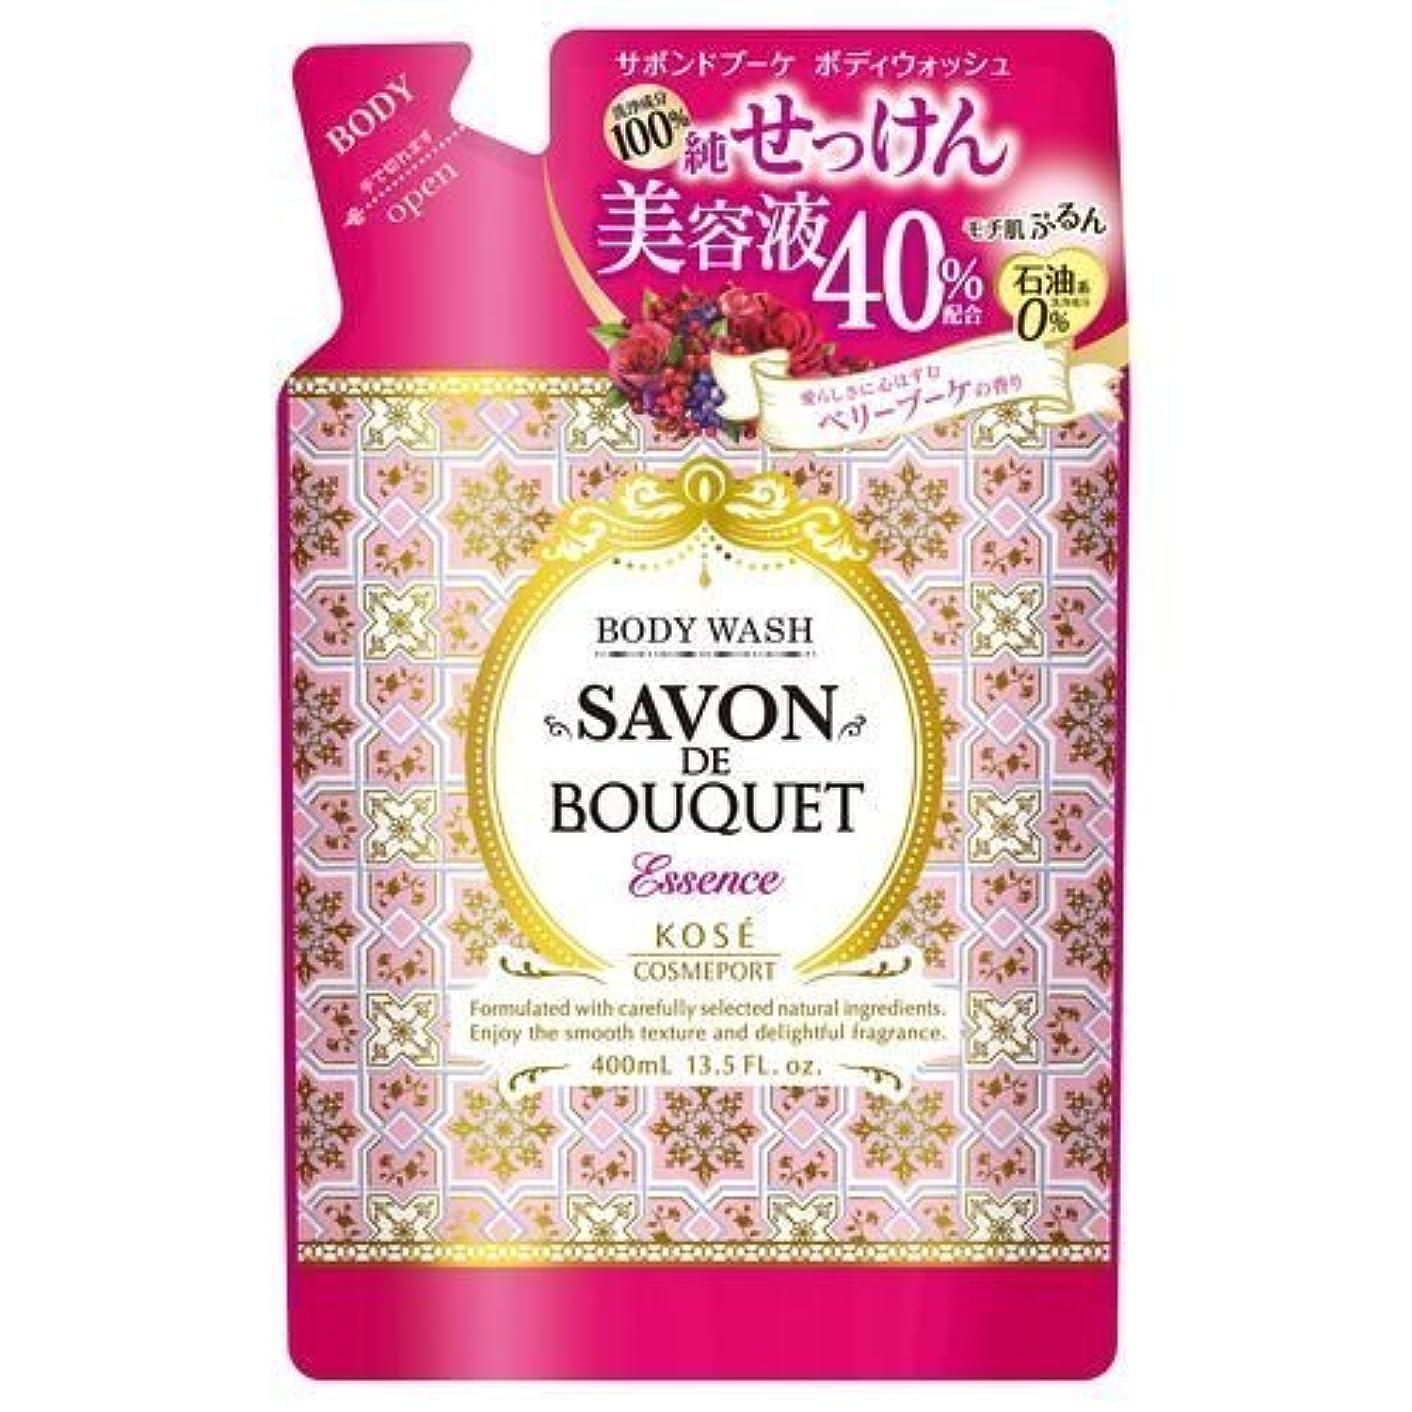 ユーモア目指す石鹸KOSE コーセー サボンドブーケ エッセンス ボディウォッシュ 100%純せっけん 詰め替え 400ml